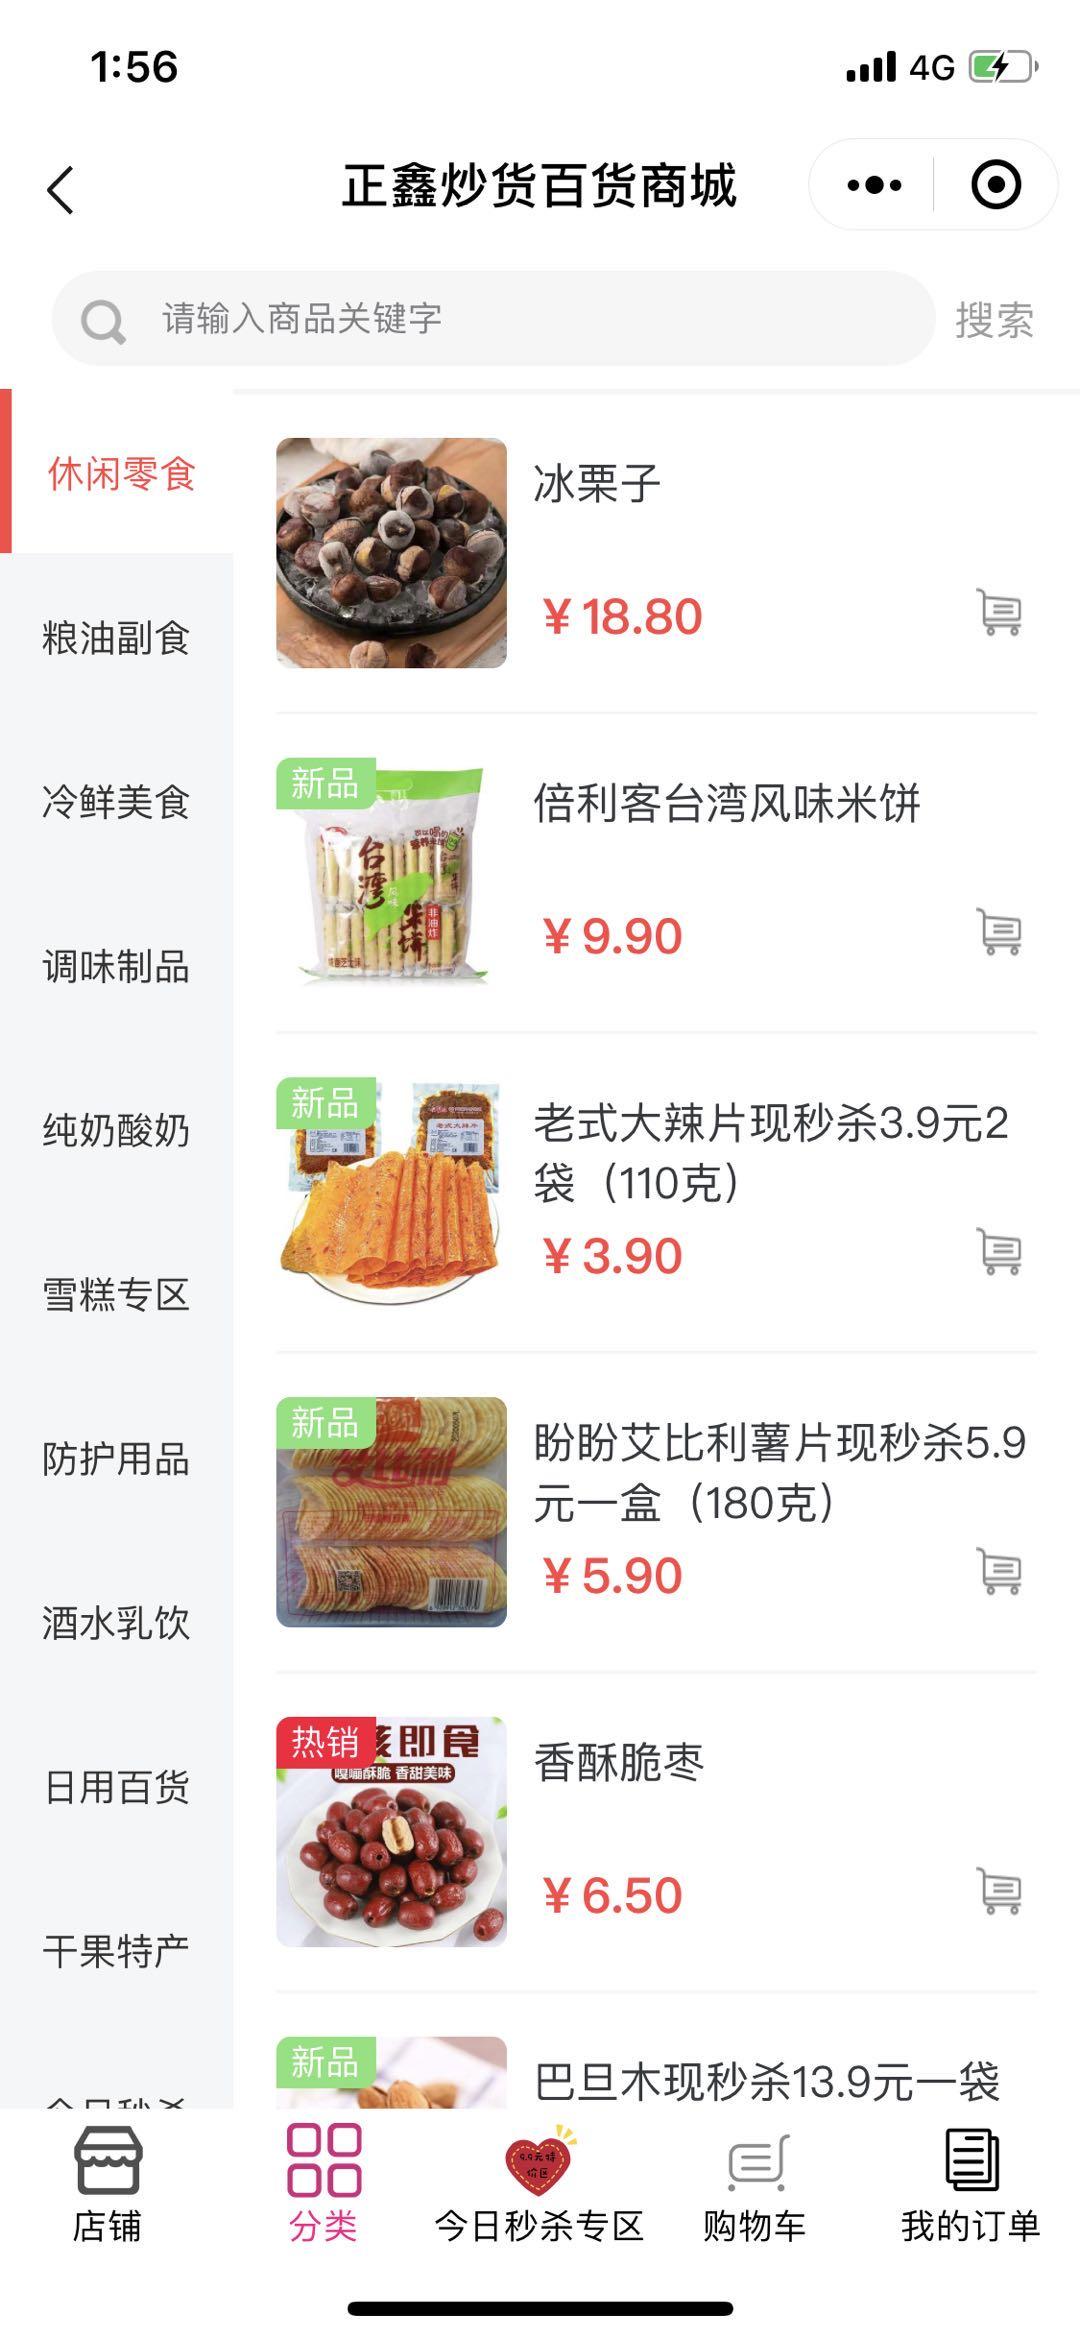 微信正鑫炒货百货商城小程序效果图预览